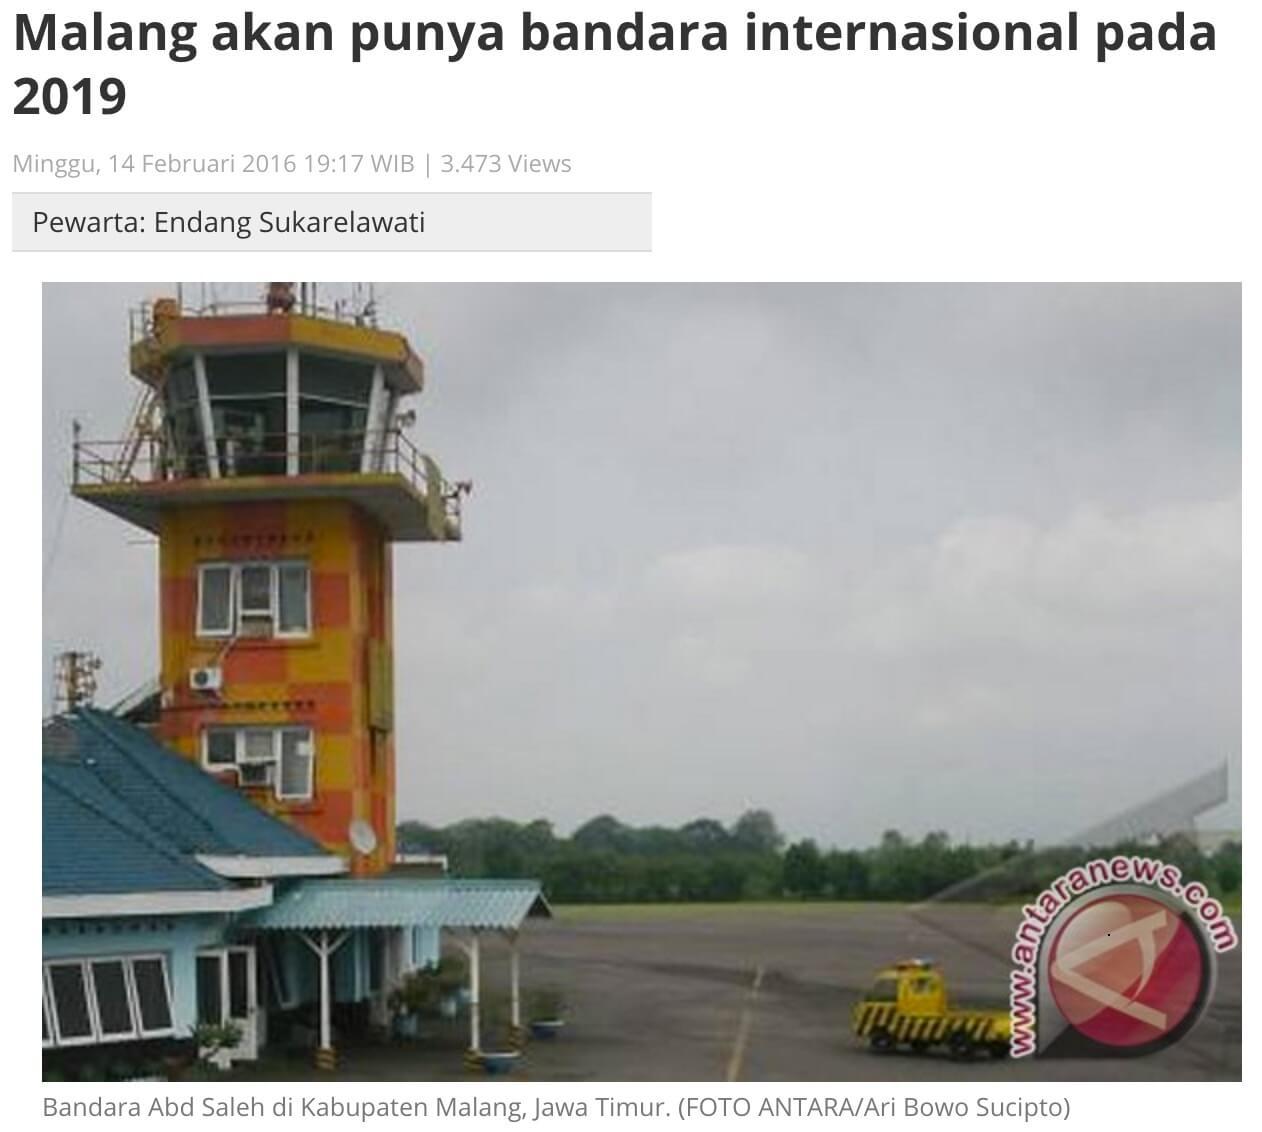 マラン 空港 インドネシア 記事